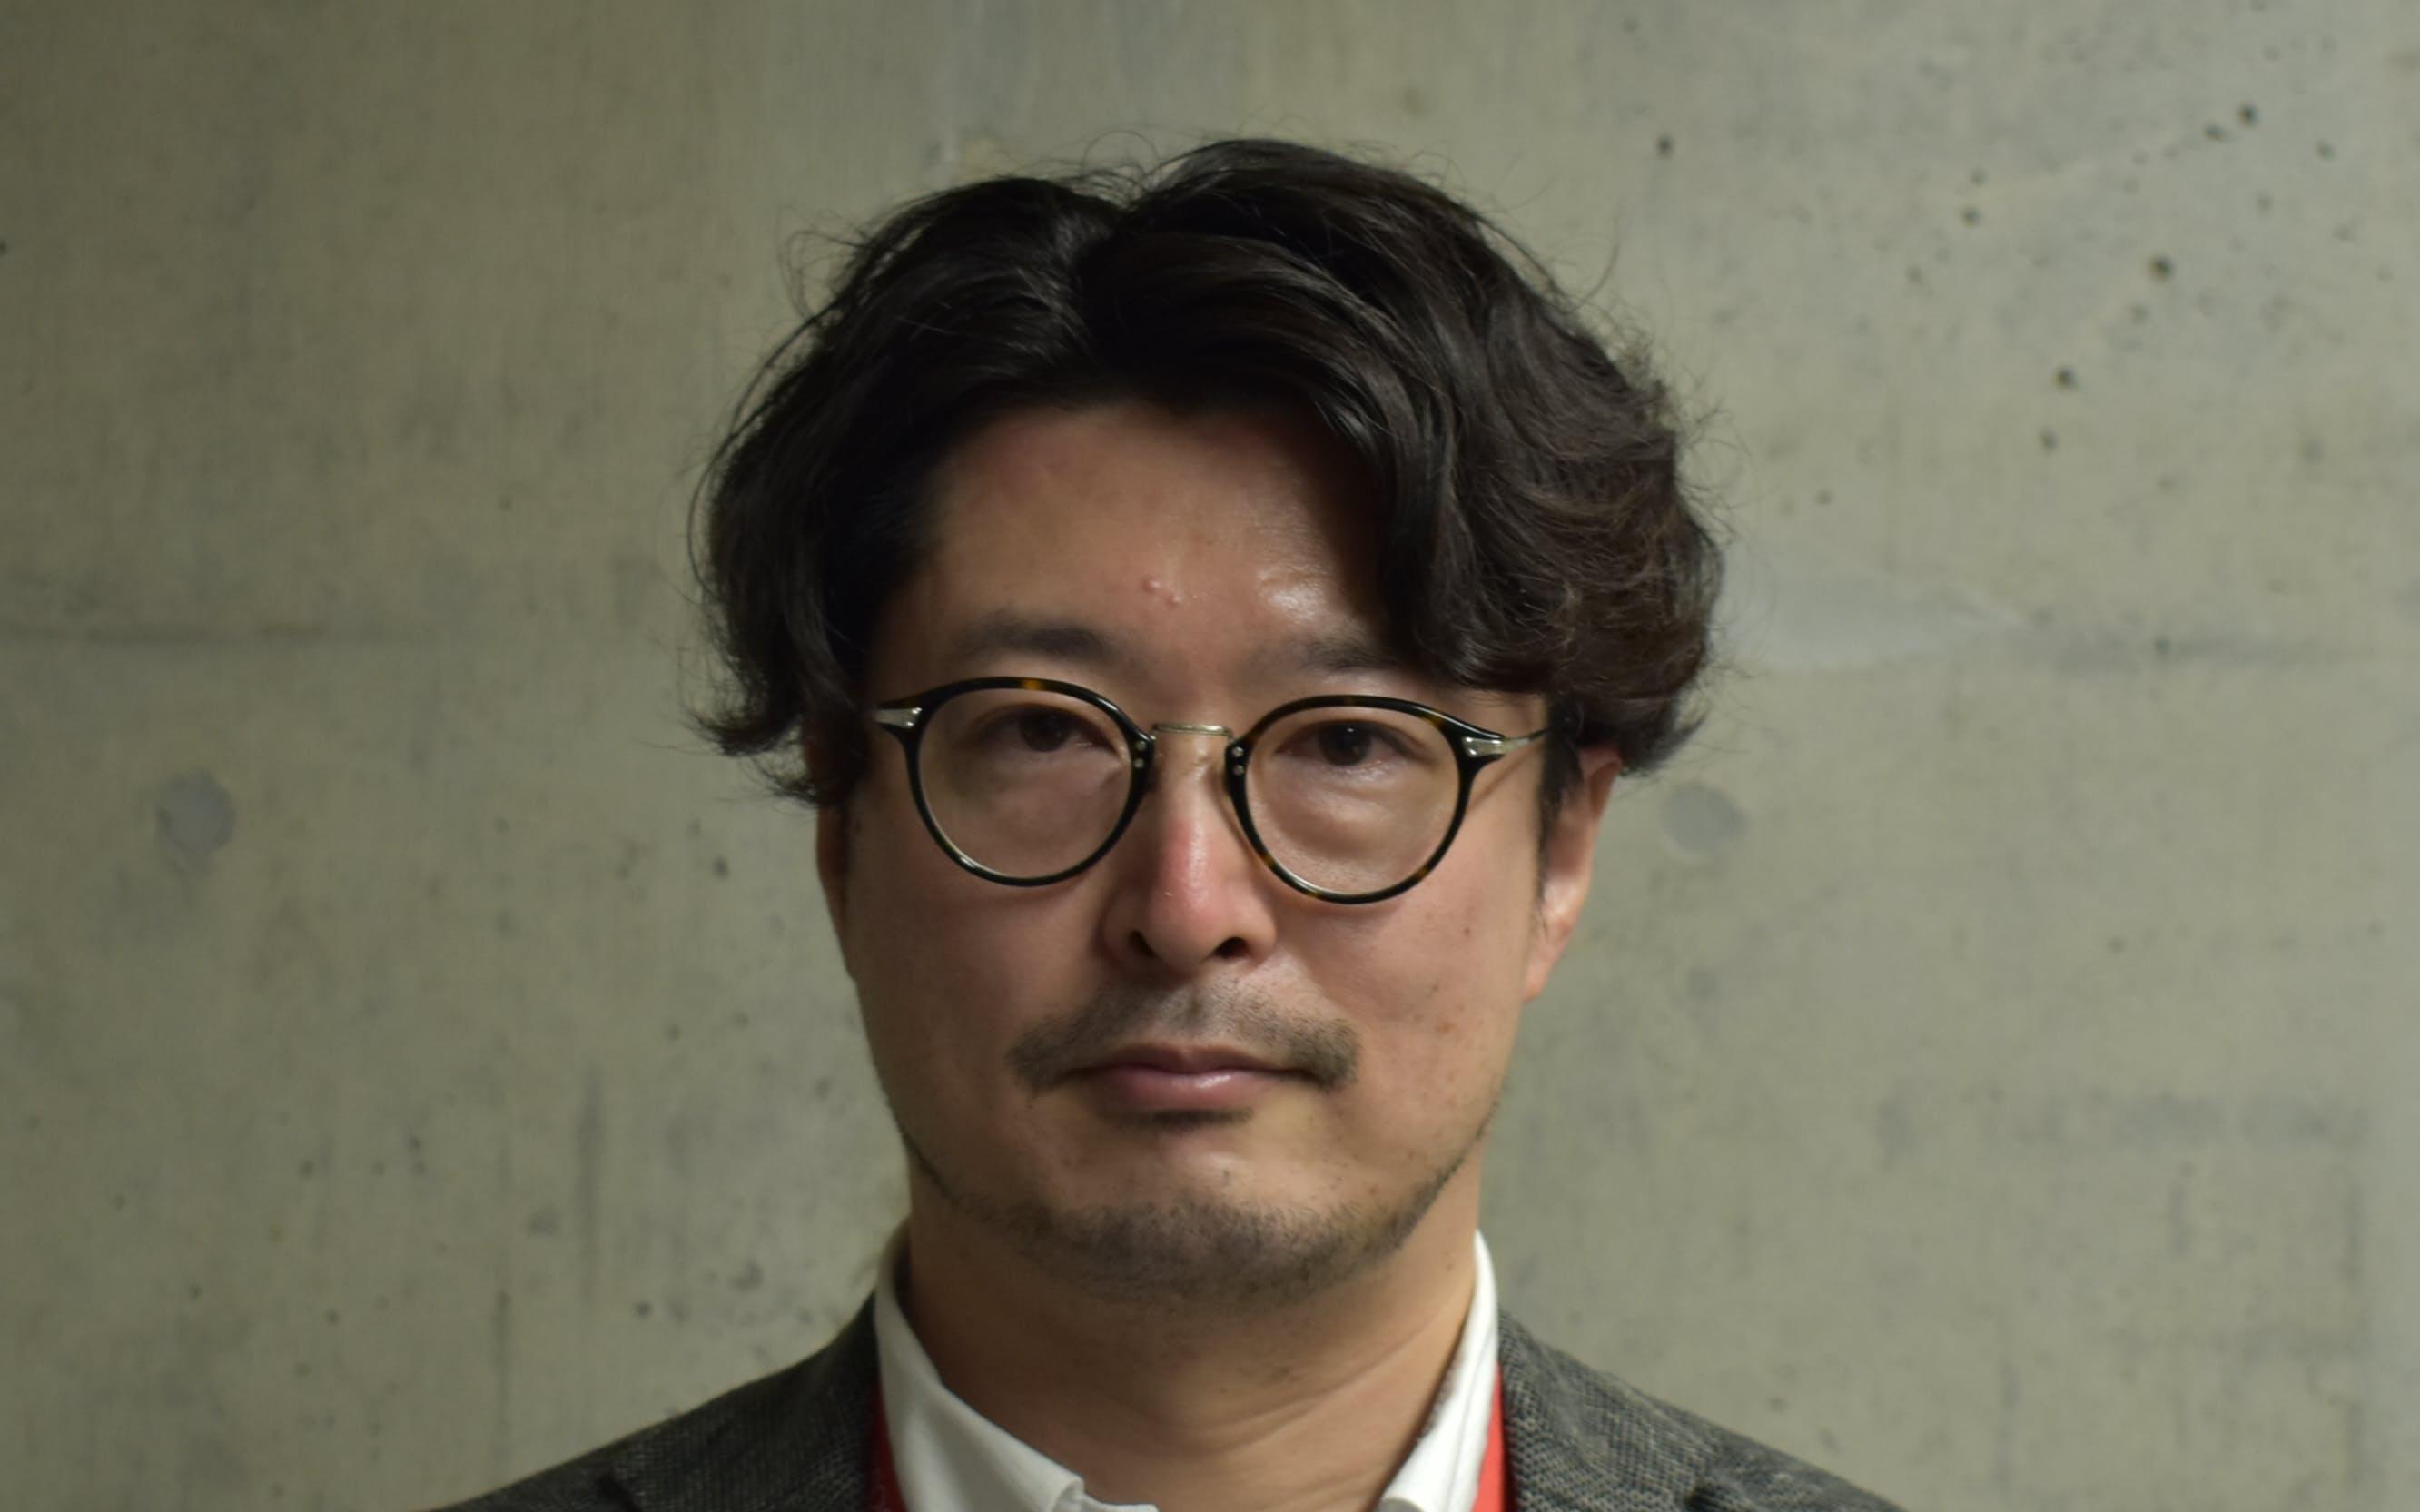 東北芸術工科大学就職部長の粟野武文氏